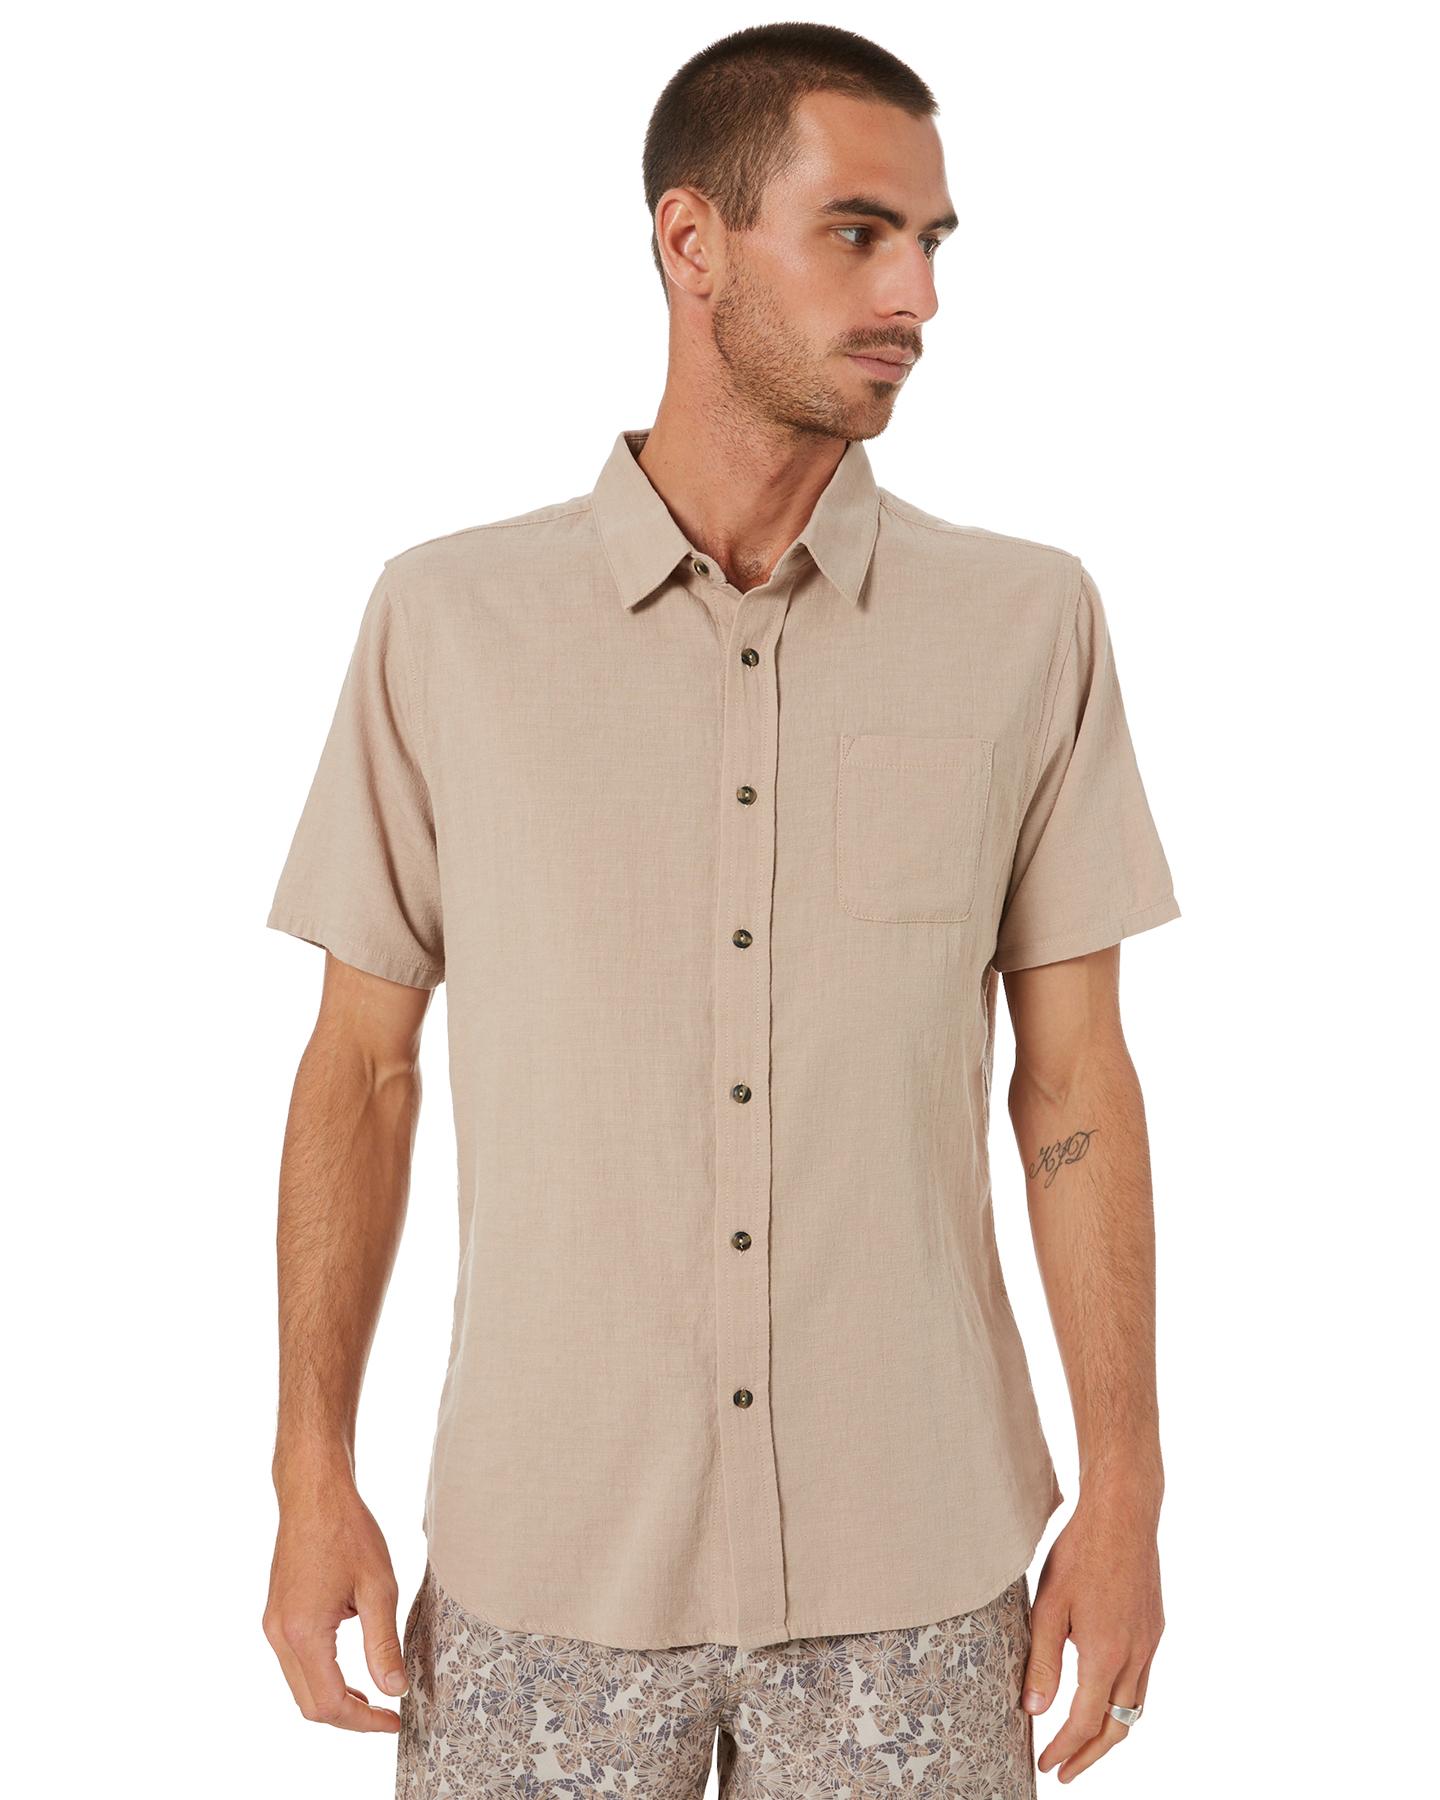 Rusty Overtone Mens Short Sleeve Linen Shirt Humus Humus